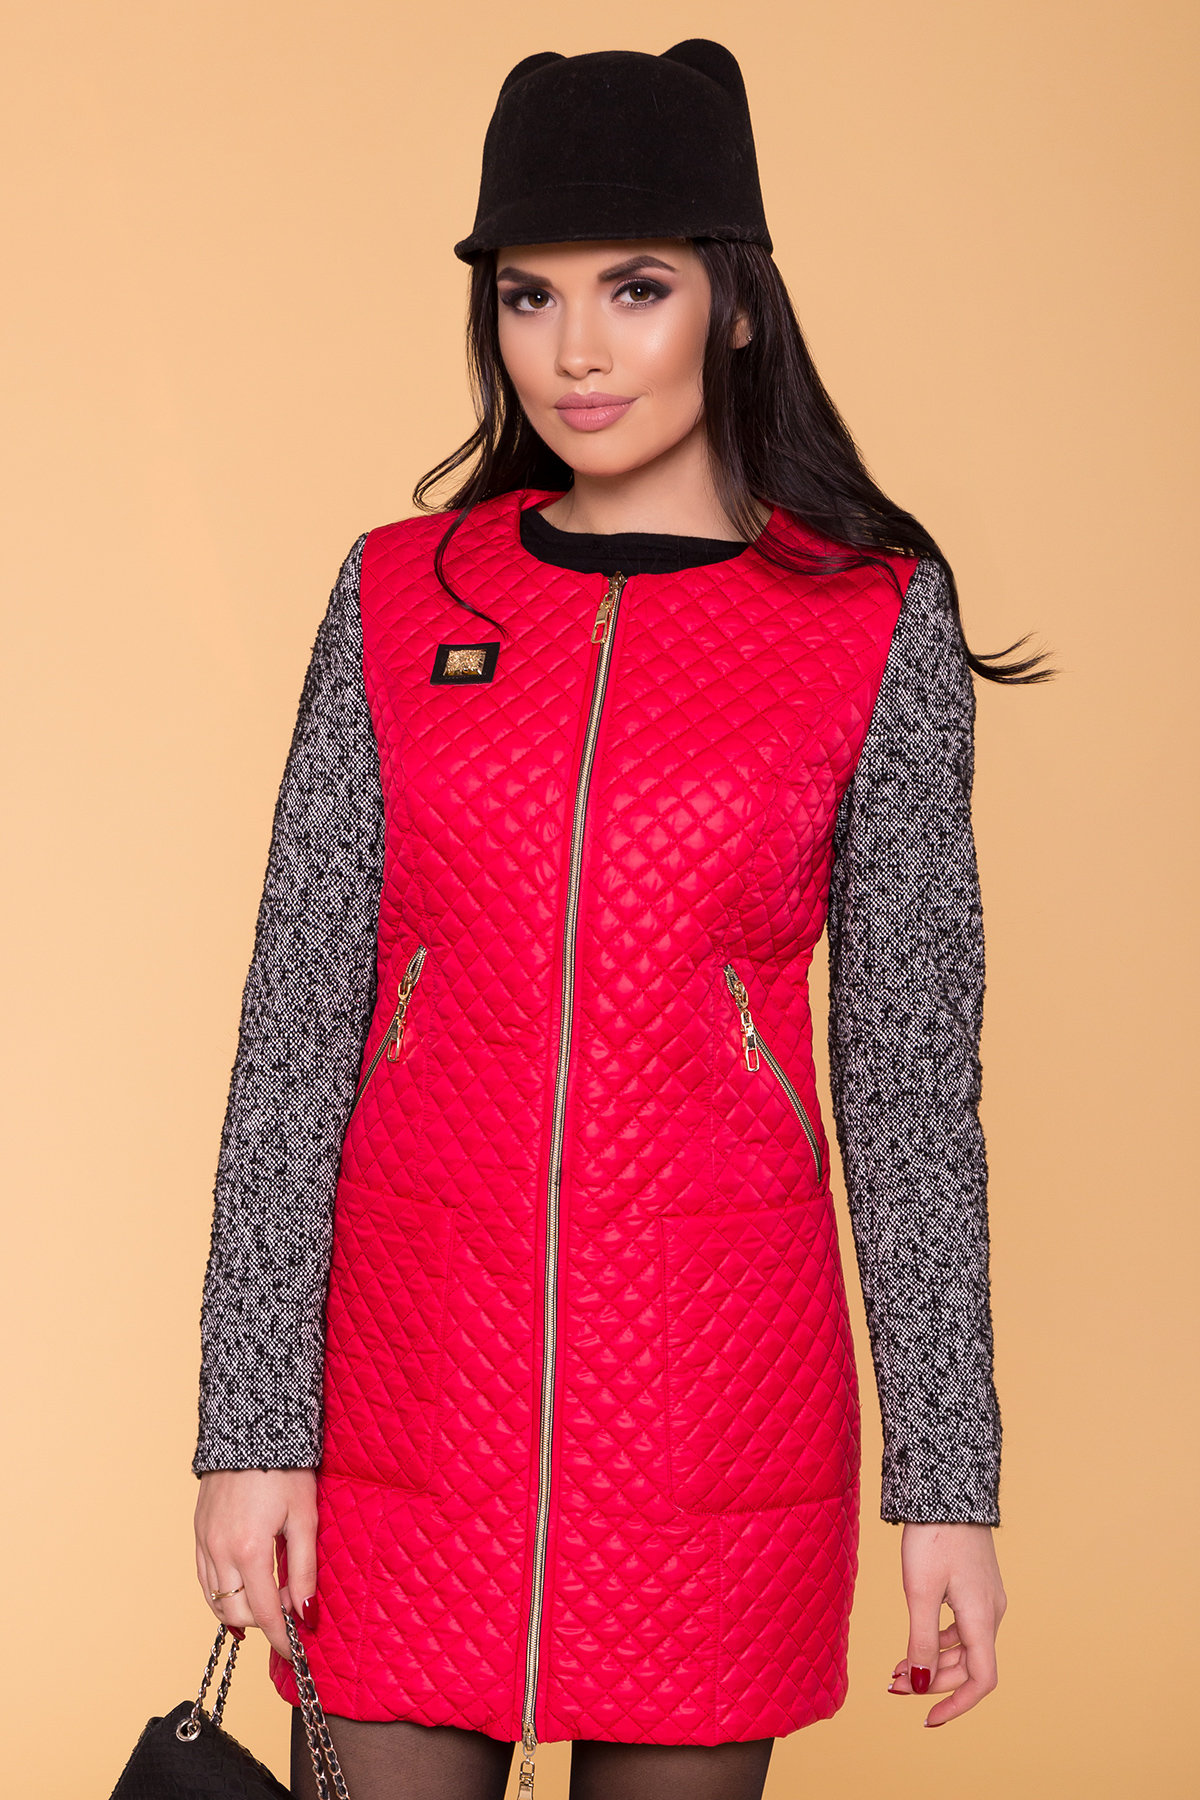 Пальто Матео 4809 АРТ. 5654 Цвет: Красный/Серый 1  - фото 3, интернет магазин tm-modus.ru